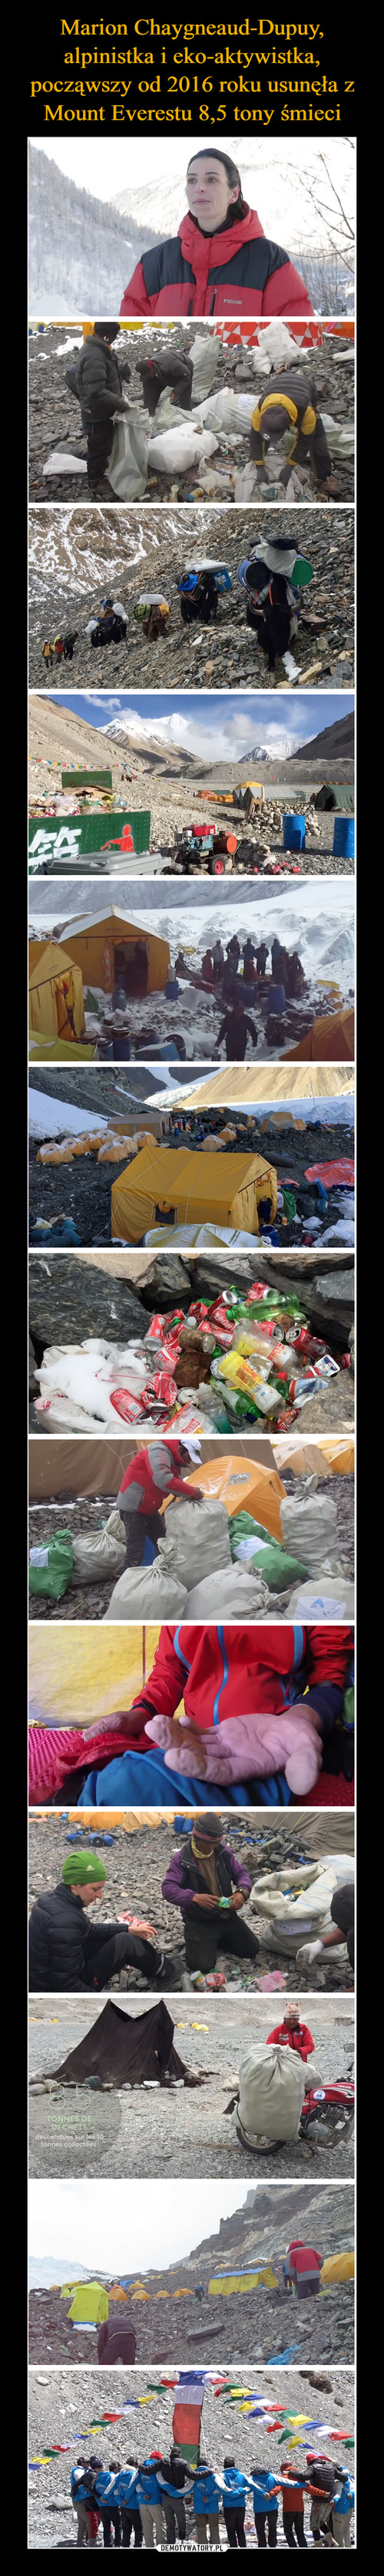 Marion Chaygneaud-Dupuy, alpinistka i eko-aktywistka, począwszy od 2016 roku usunęła z Mount Everestu 8,5 tony śmieci